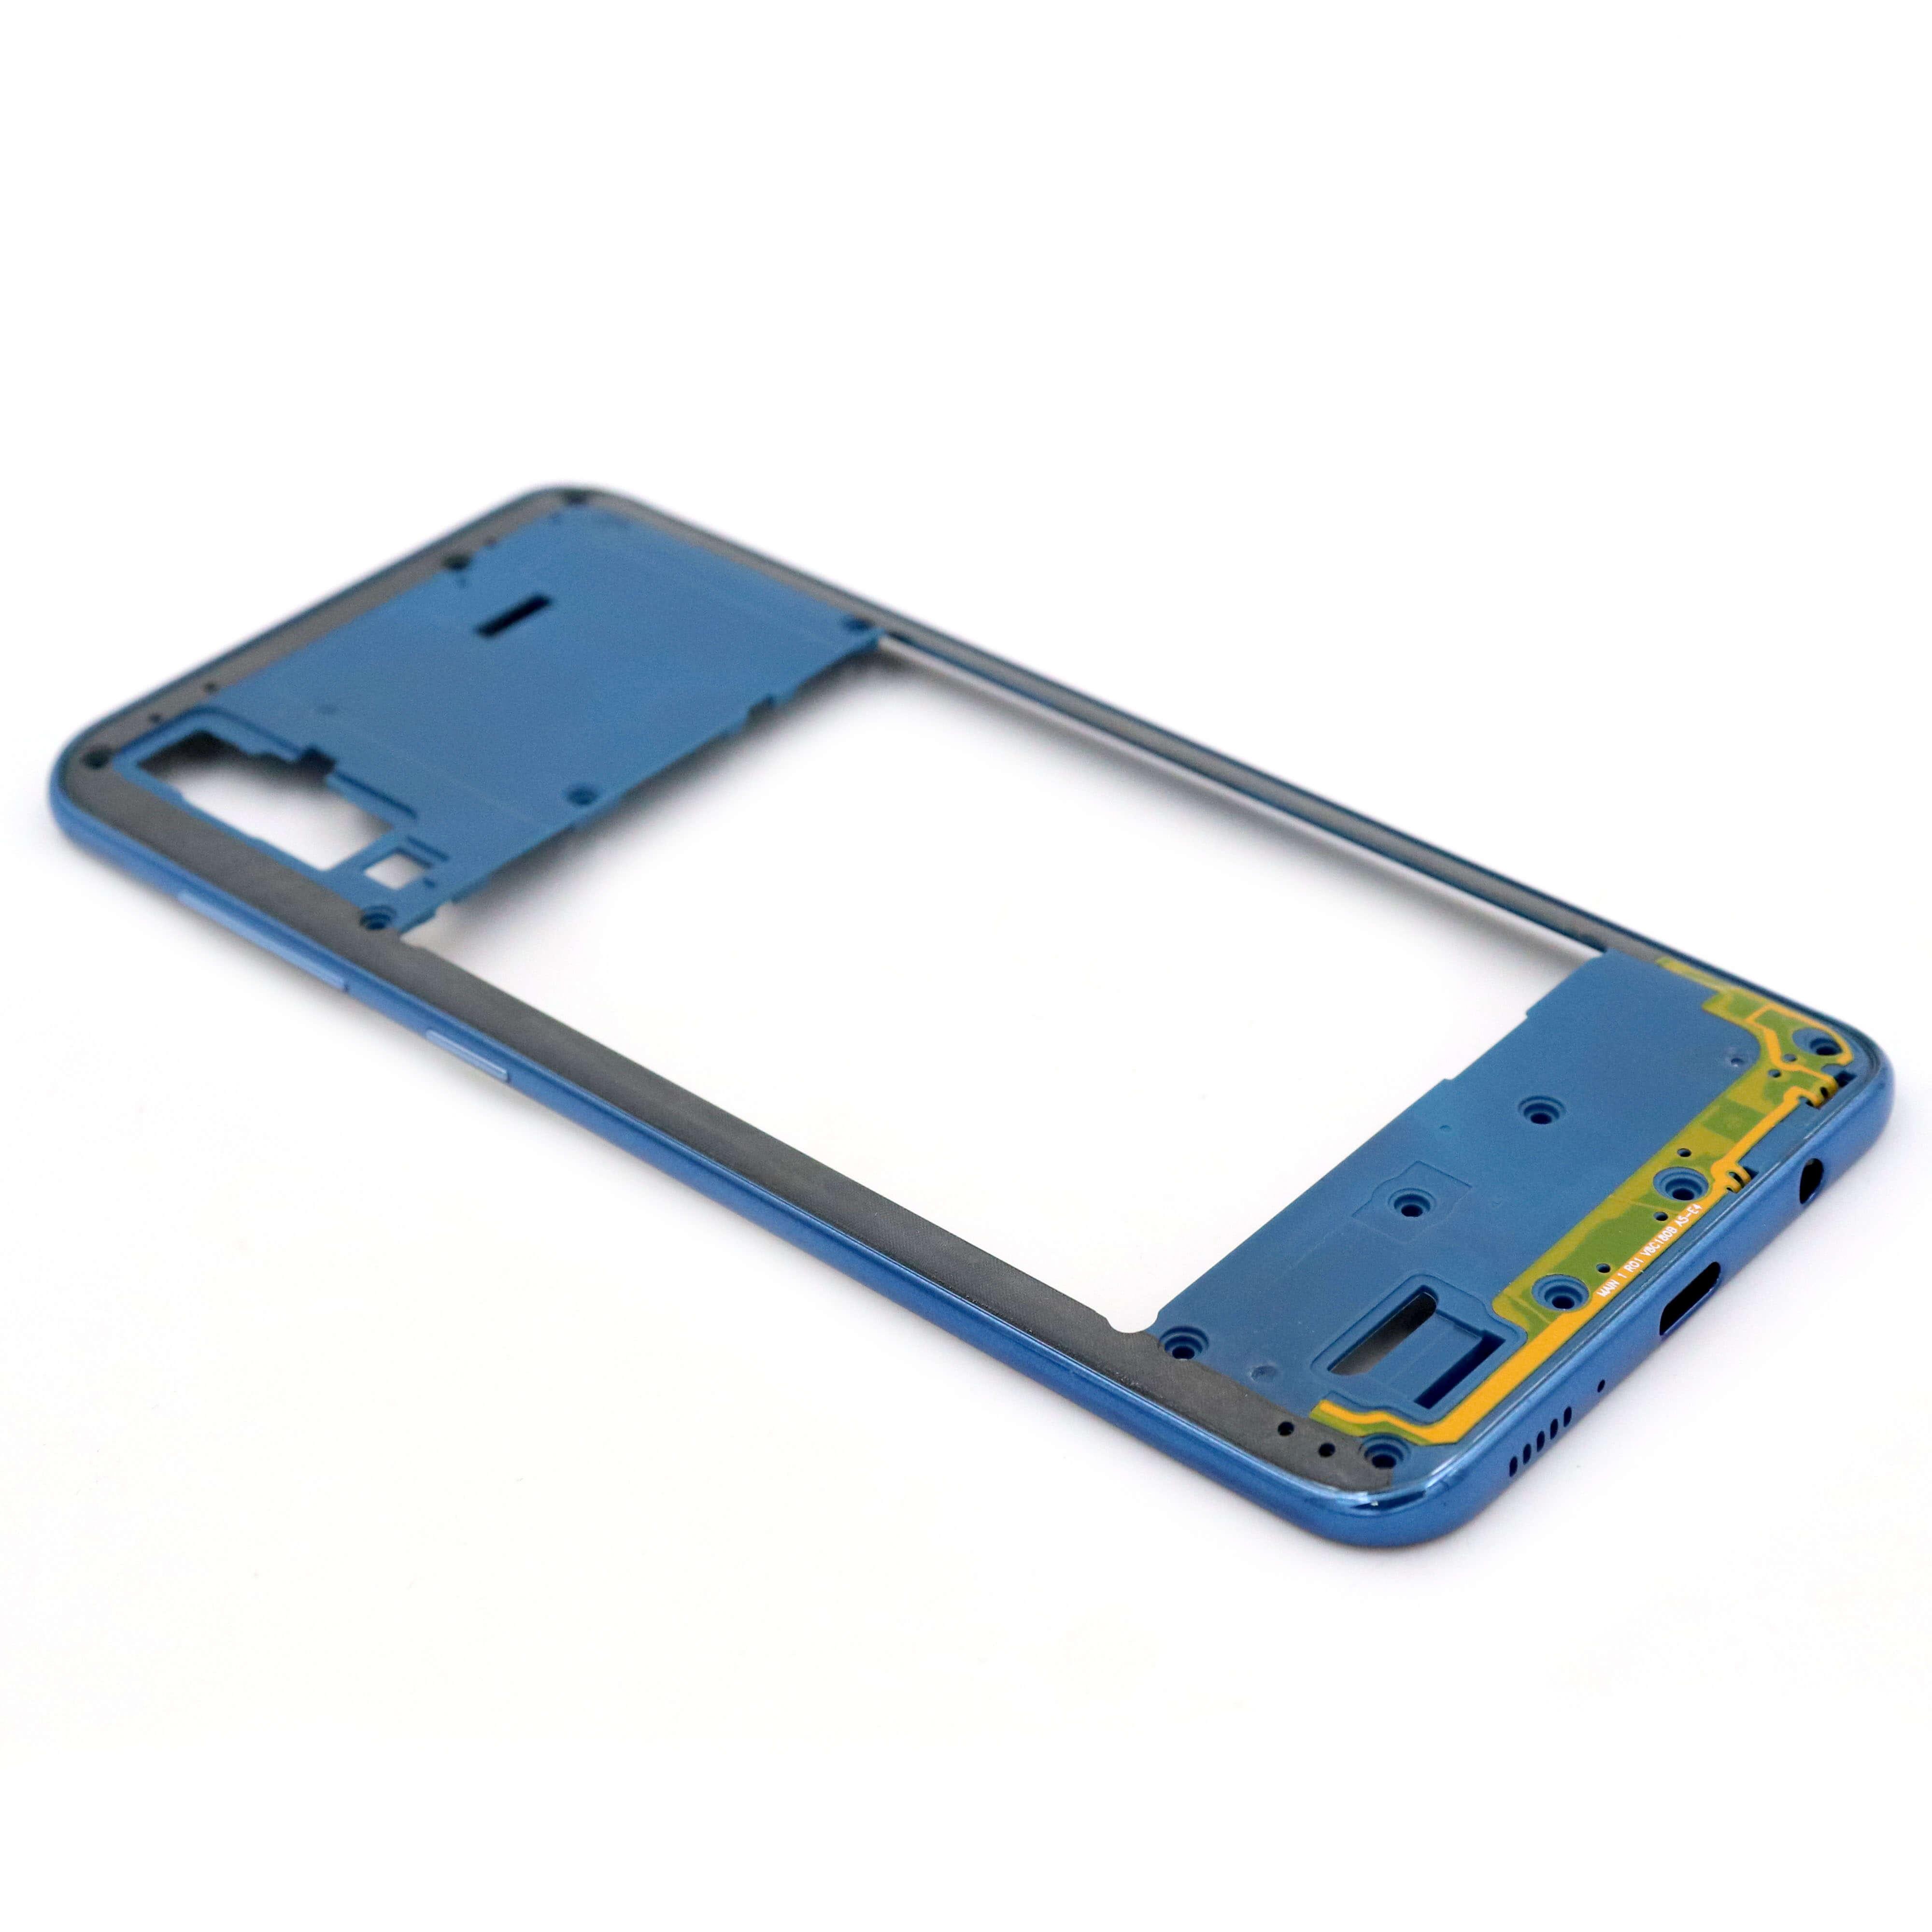 Samsung body A50 SMA505F Blauw i-repaircenter